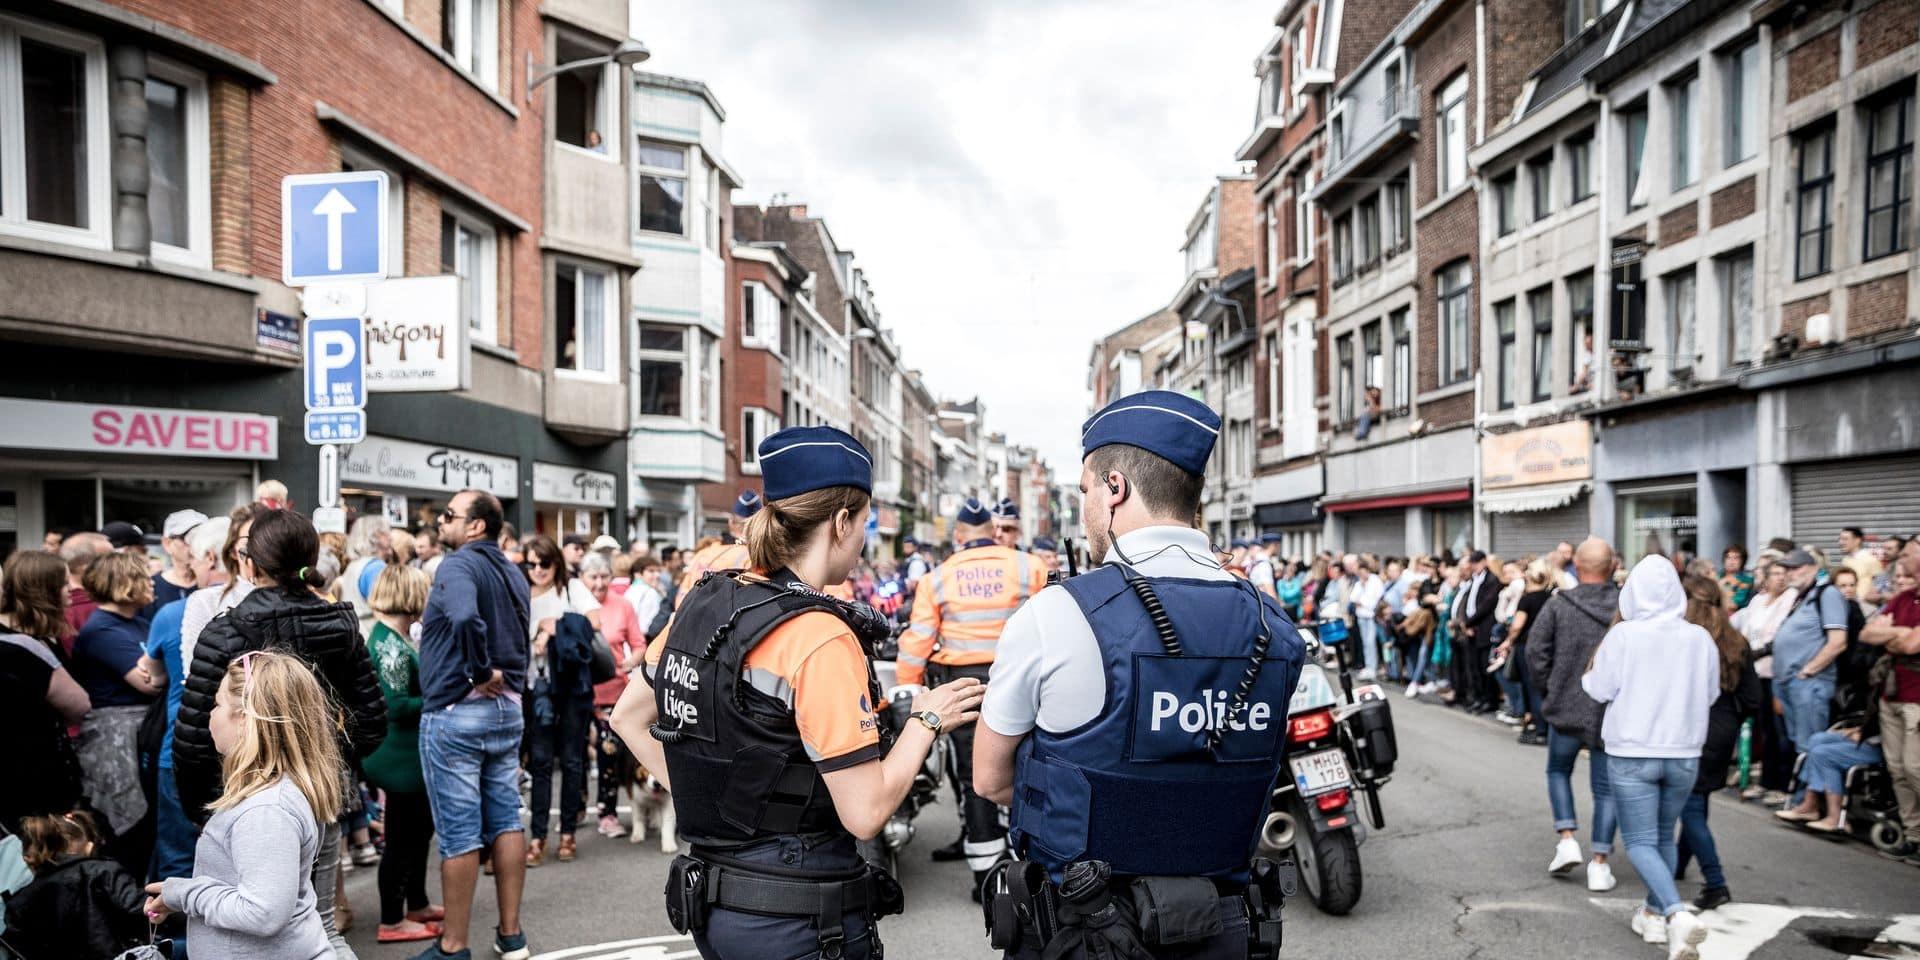 LIEGE. DISPOSITIF DE SECURITE DE LA POLICE DE LIEGE DURANT LE CORTEGE DU 15 AOUT. Photo Michel Tonneau